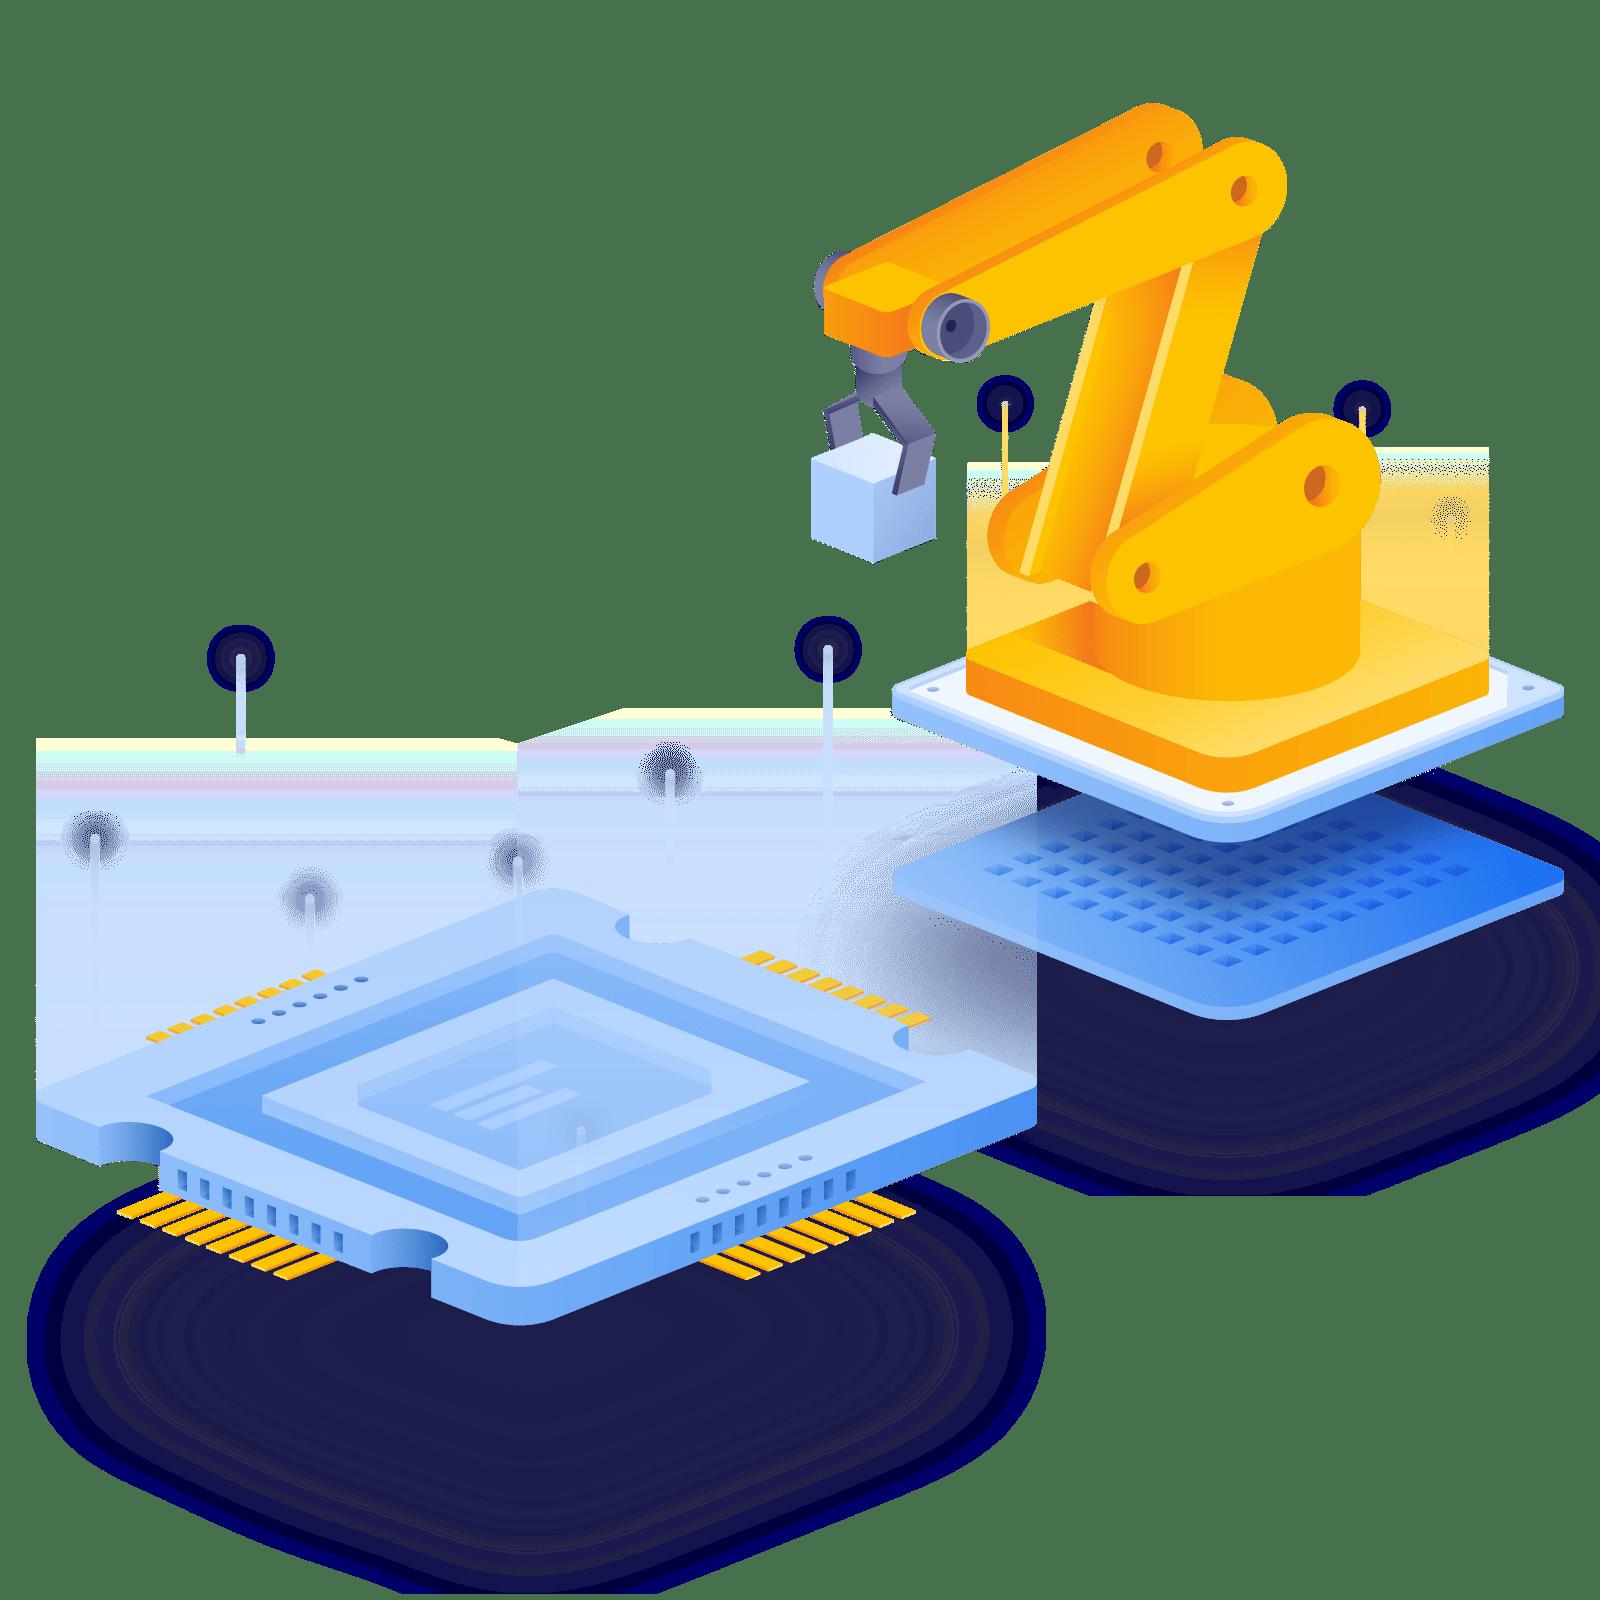 Aprender Robótica y Desarrollo de Videojuegos